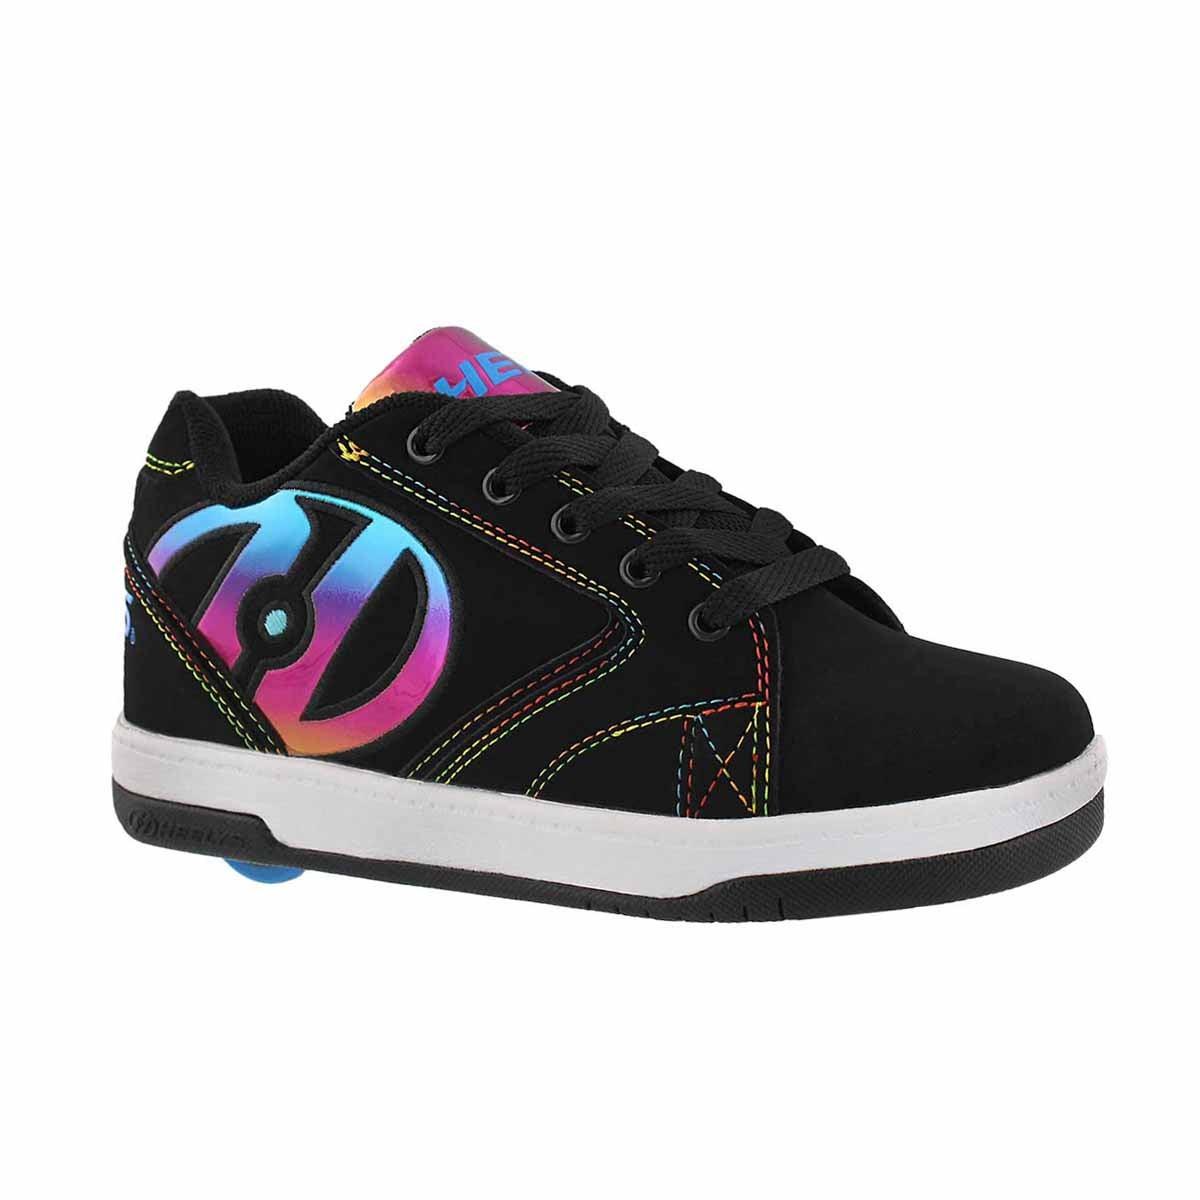 Girls' PROPEL 2.0 black/rainbow skate sneakers